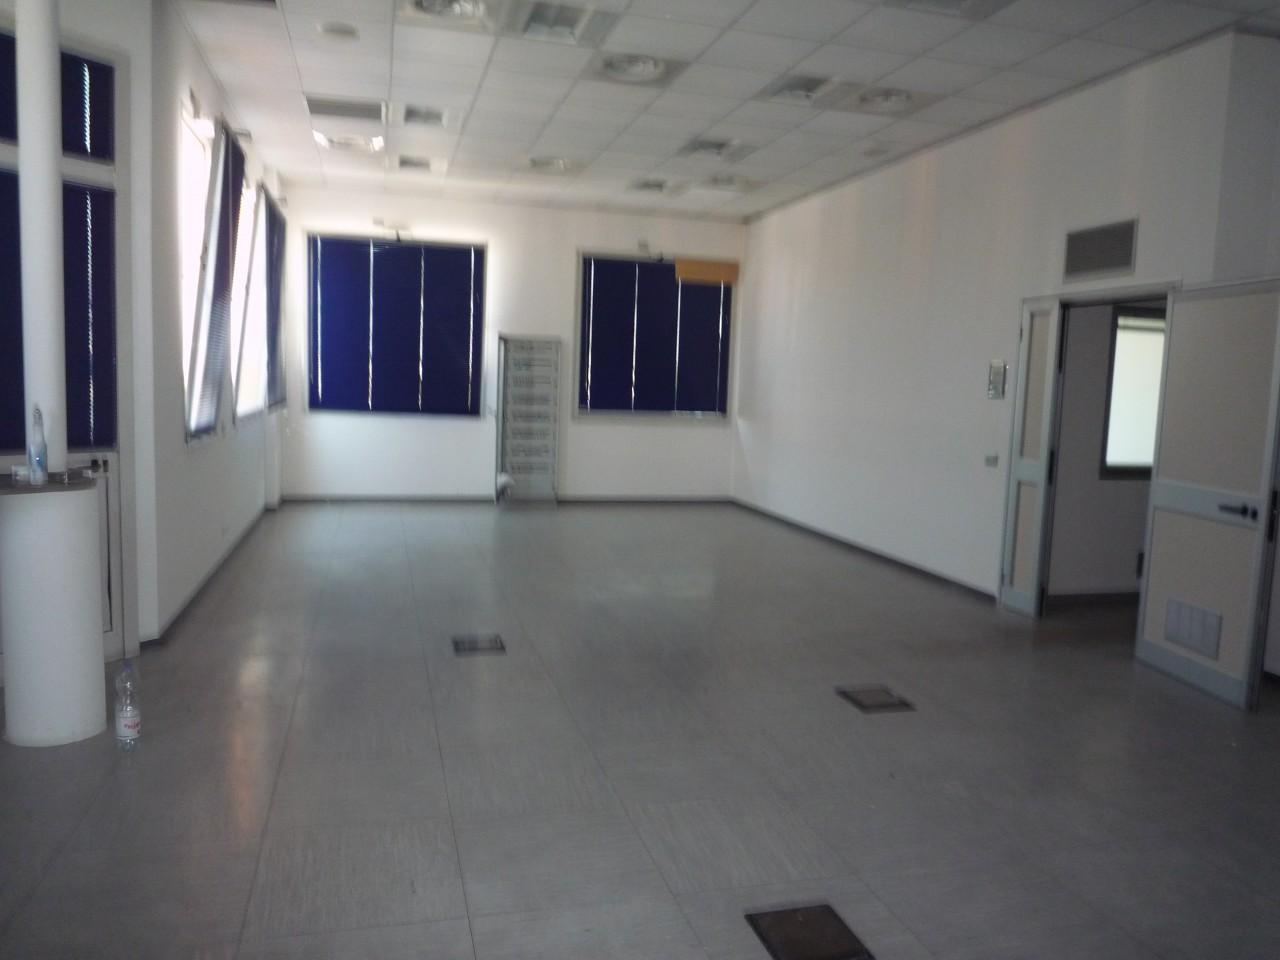 Ufficio Zona Industriale Padova : Ufficio in affitto a padova pd zona camin aria condizionata